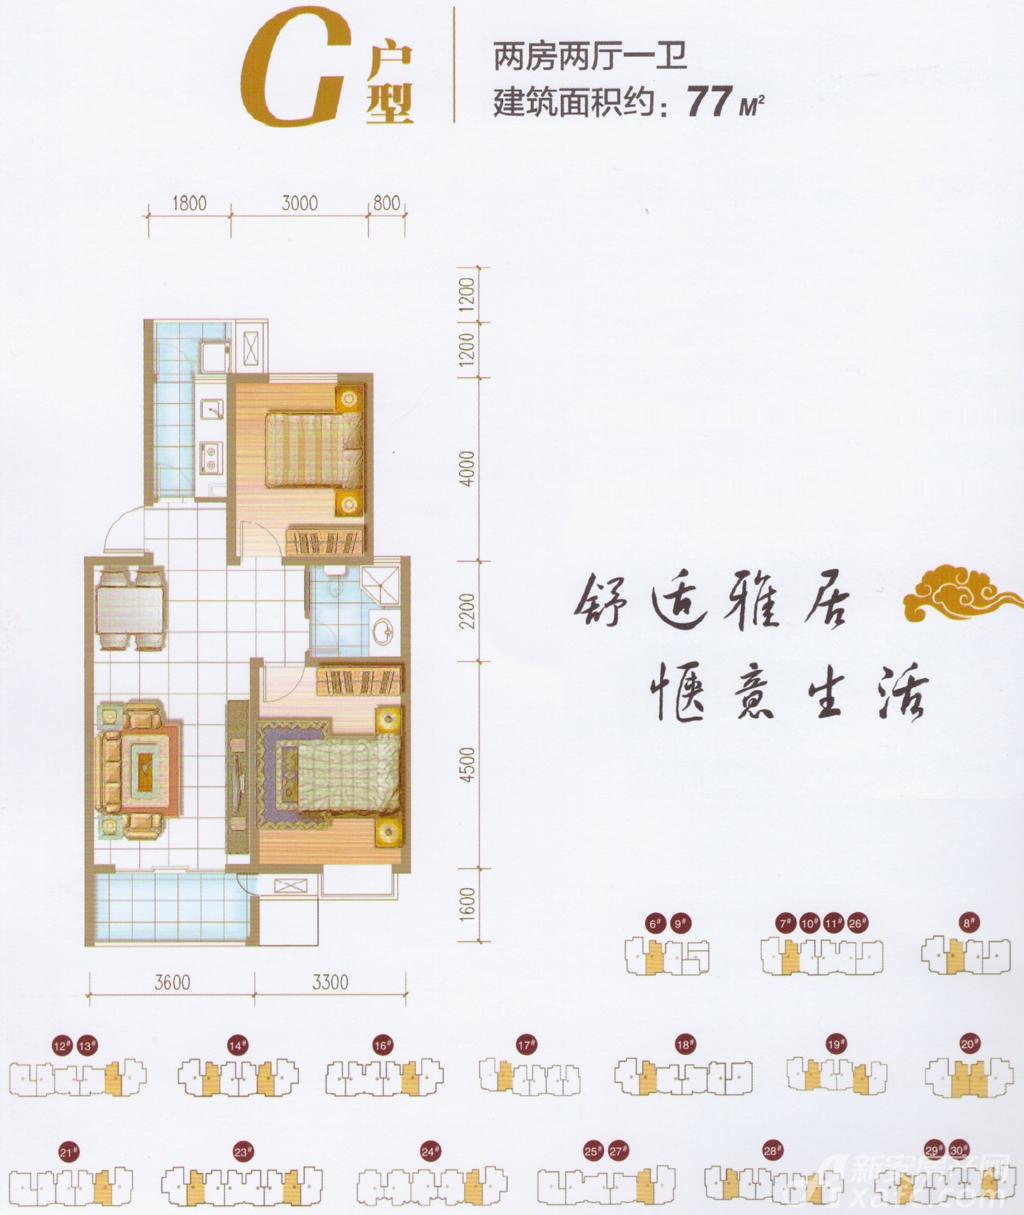 宇业依云红郡G户型2室2厅77平米